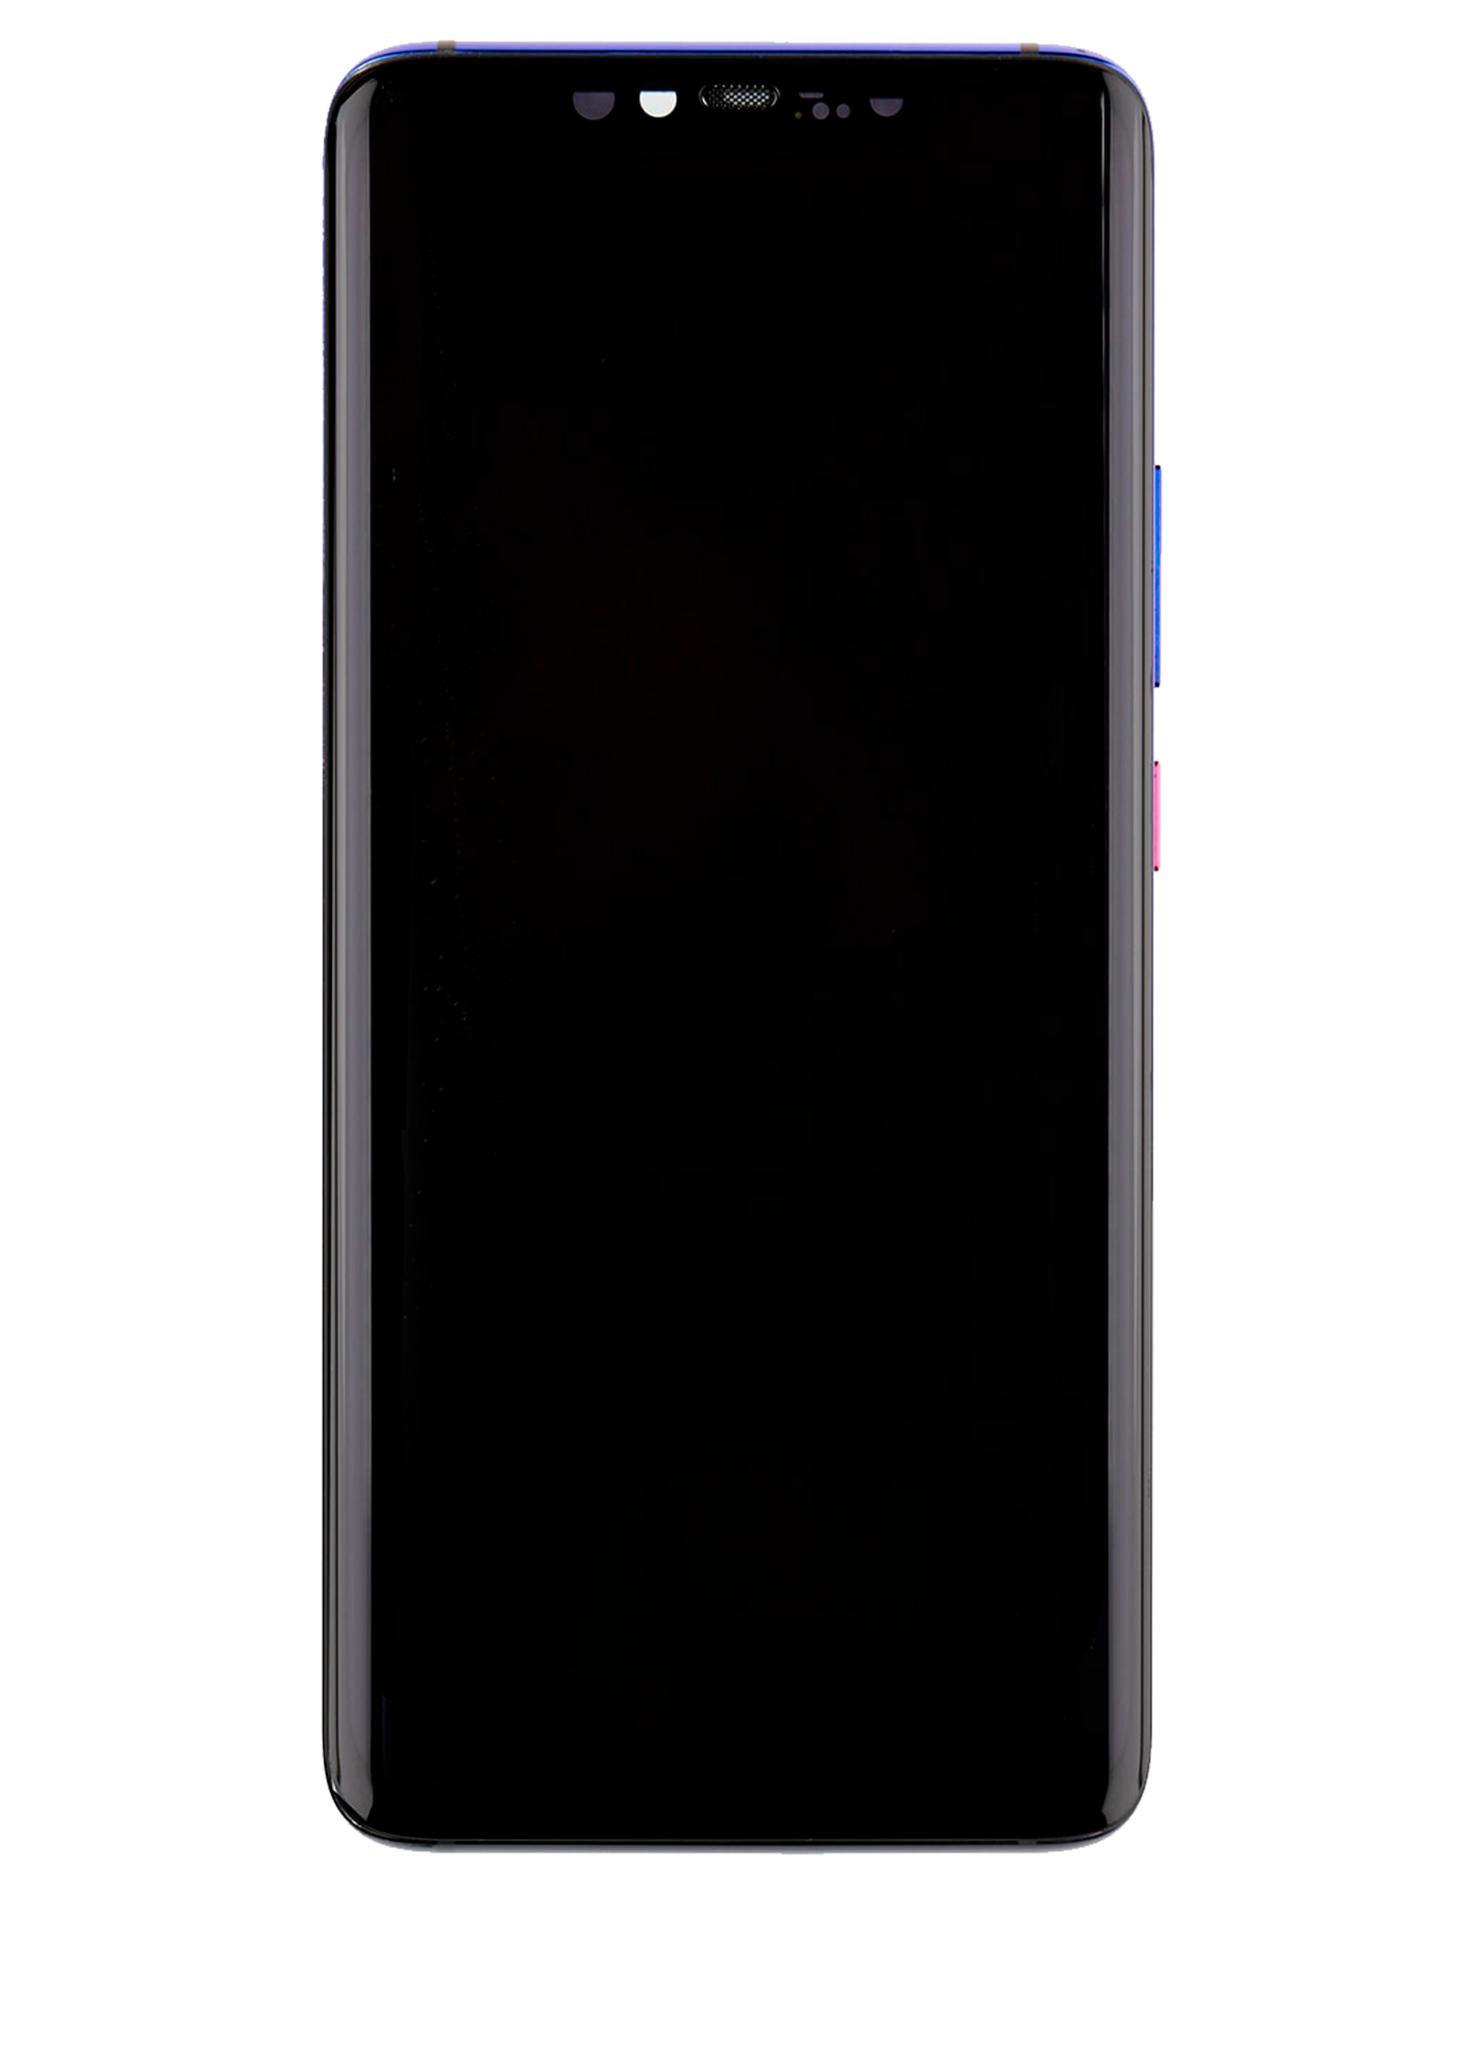 Huawei Mate 20 Pro LYA-L29 Display Module + Frame Blue